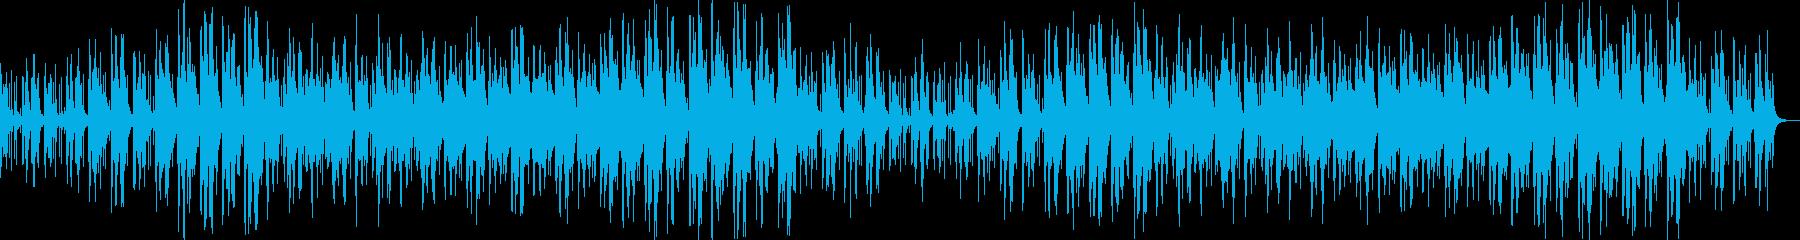 日本昔話の様な優しい和風曲の再生済みの波形